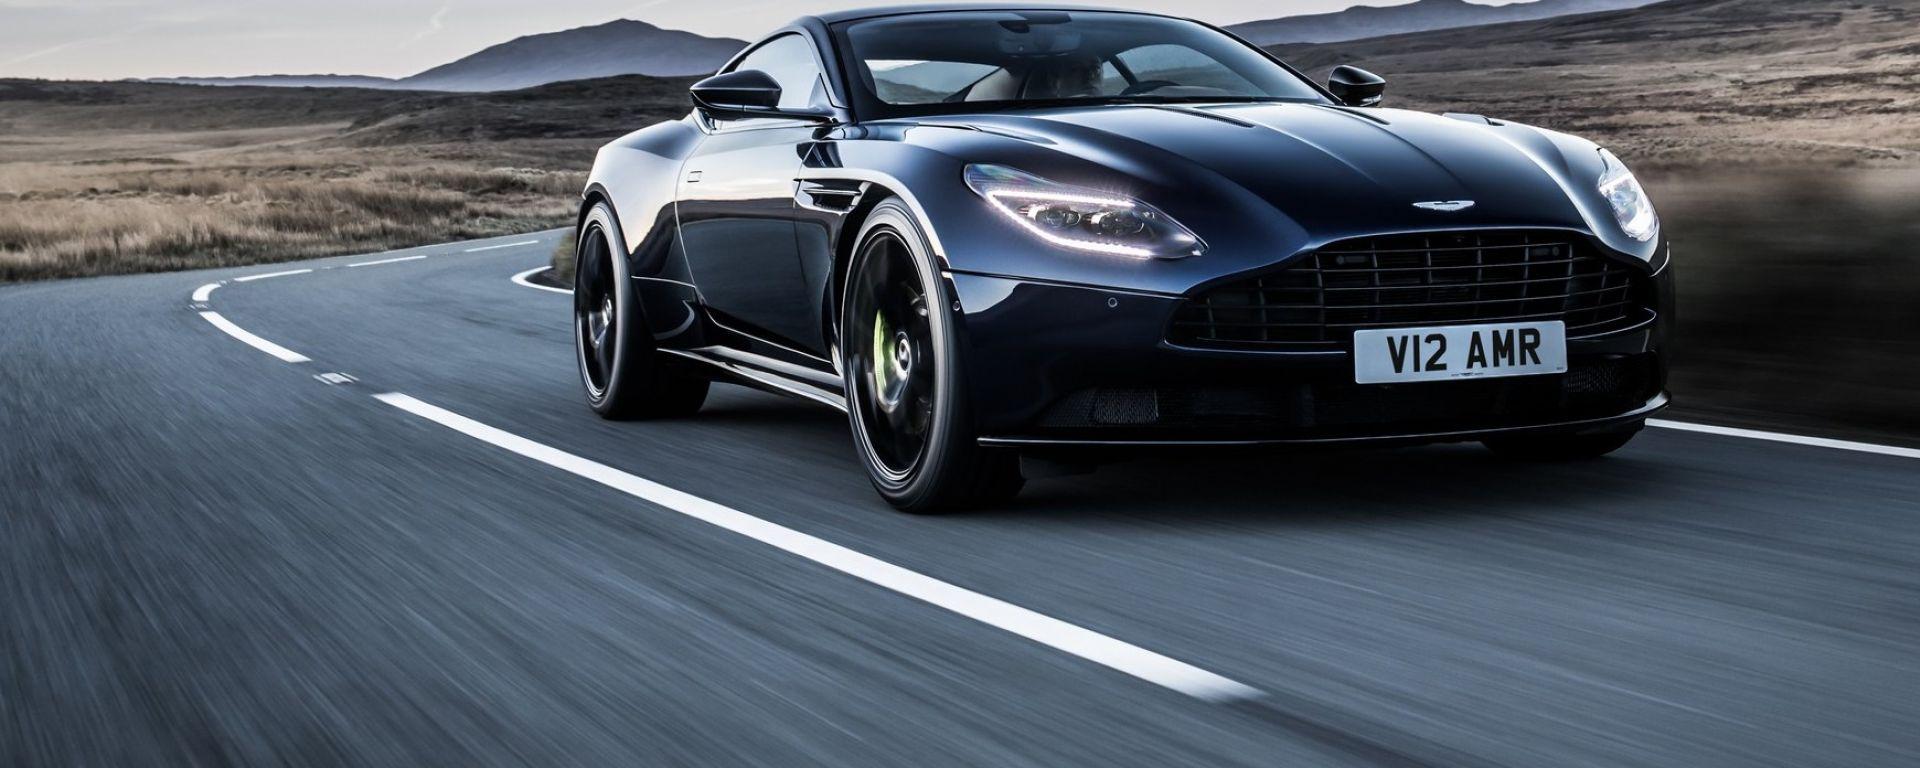 Aston Martin DB11 AMR, ecco la DB11 da sparo